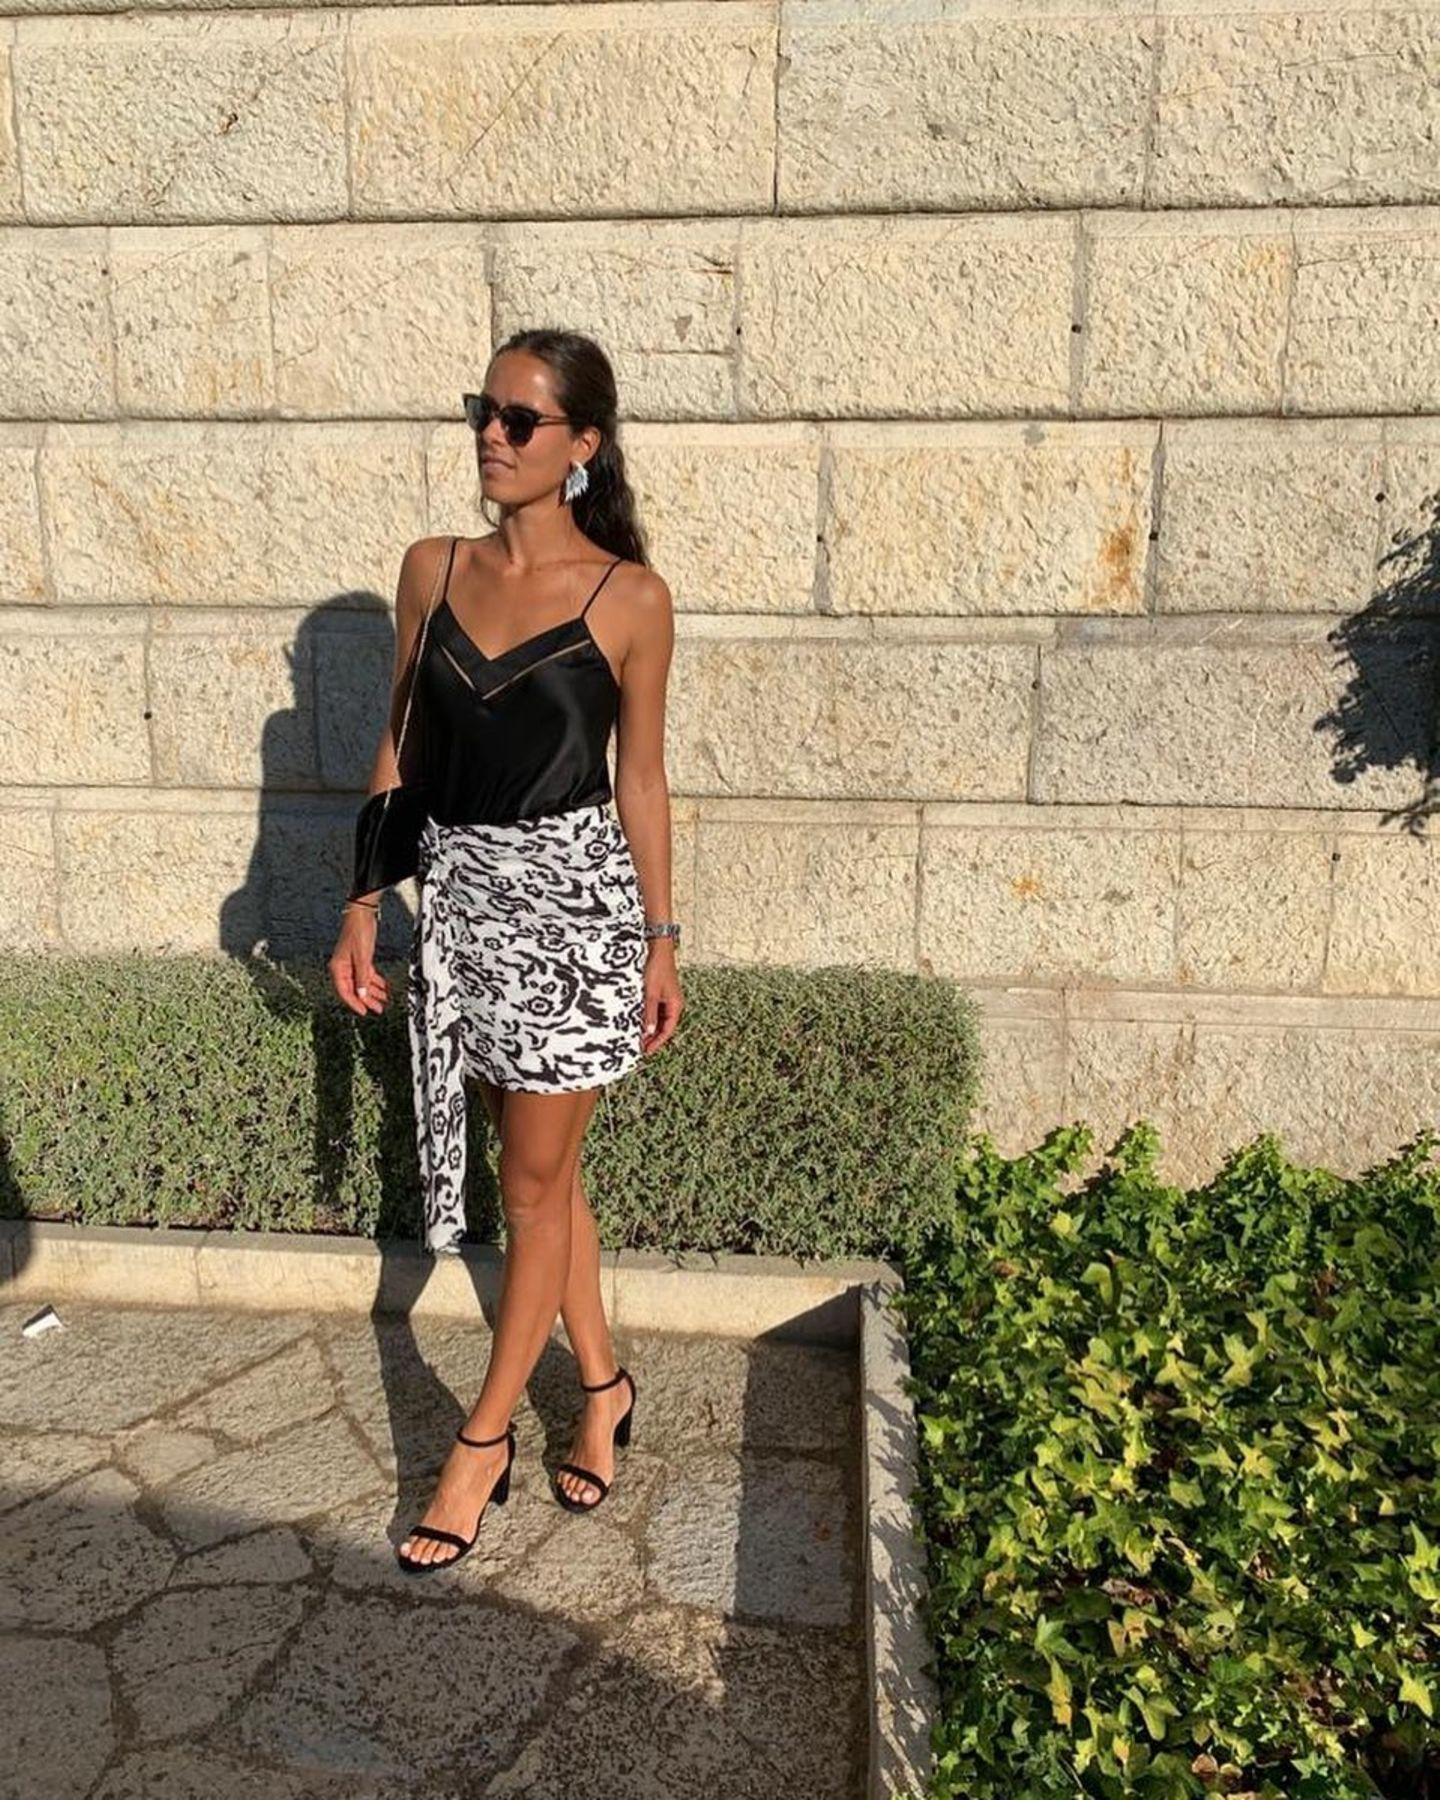 Ana Ivanovic zeigt, wie elegantes Sommer-Styling geht: Schlichtes Top, gemusterter Rock, dazu auffällige Ohrringe und schwarze Schuhe, Tasche und Sonnenbrille - volle Punktzahl für diesen luftigen Look.